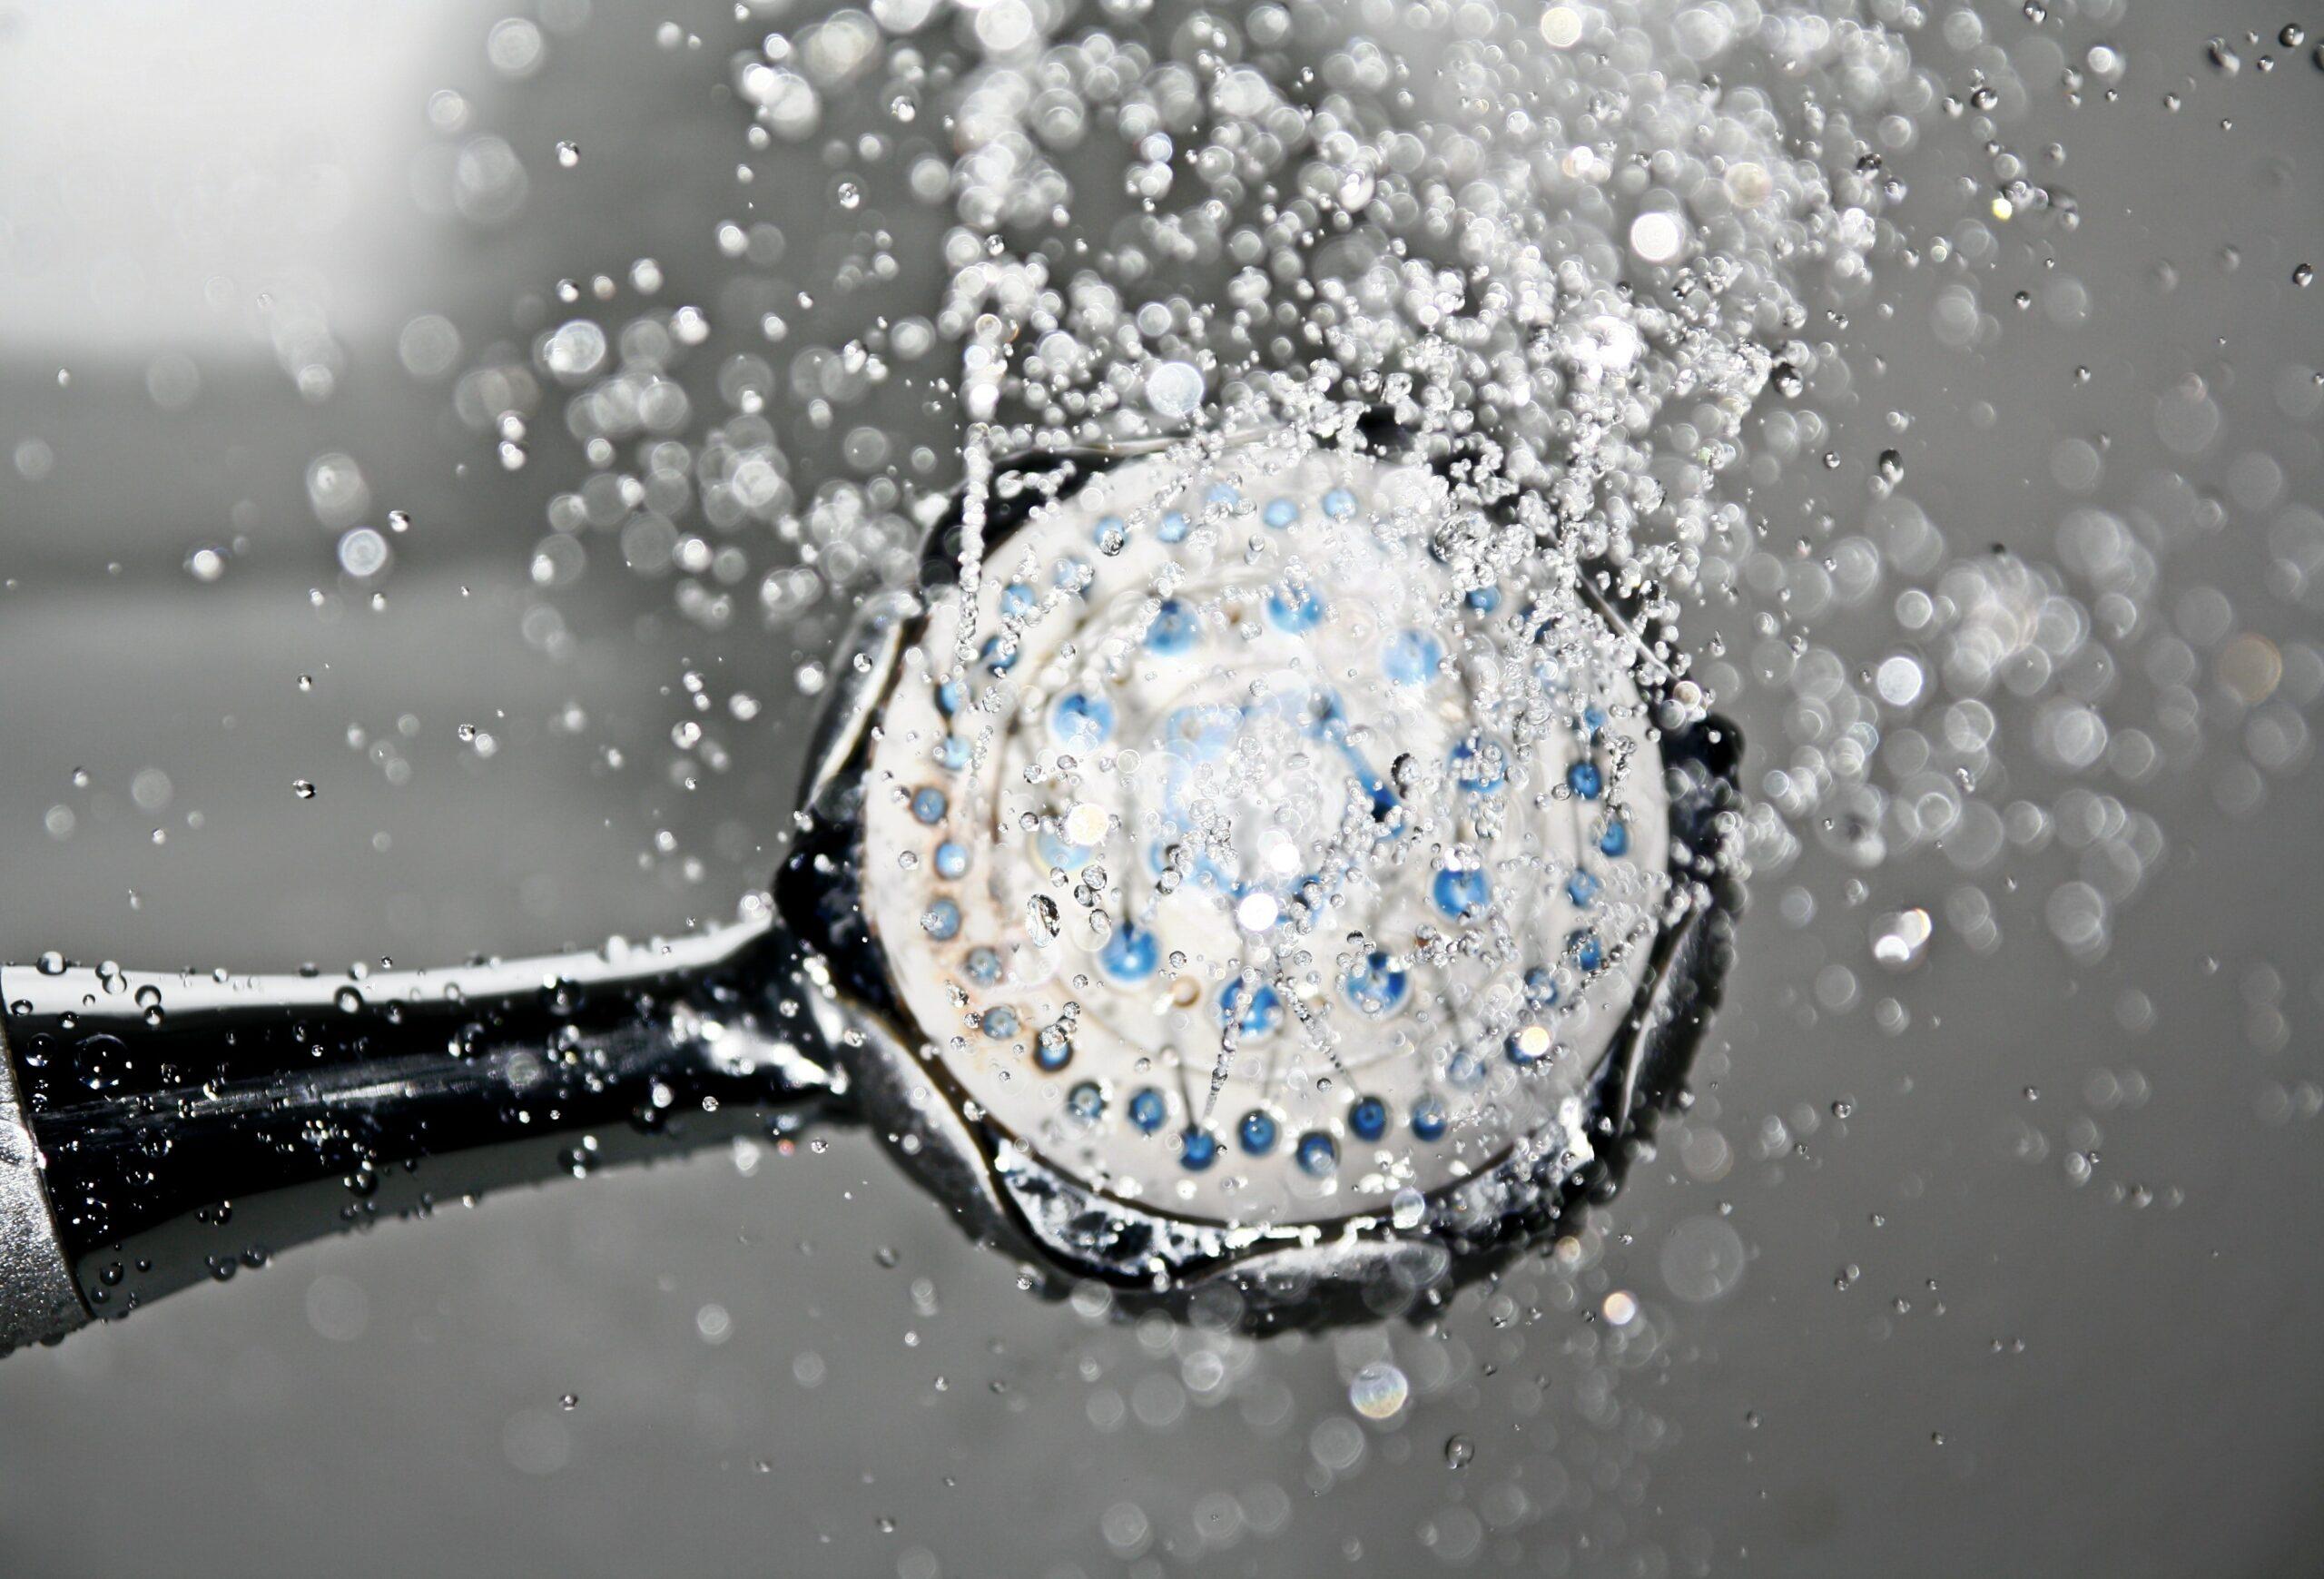 Conoce los beneficios de bañarte con agua fría, ideal para tiempos de crisis